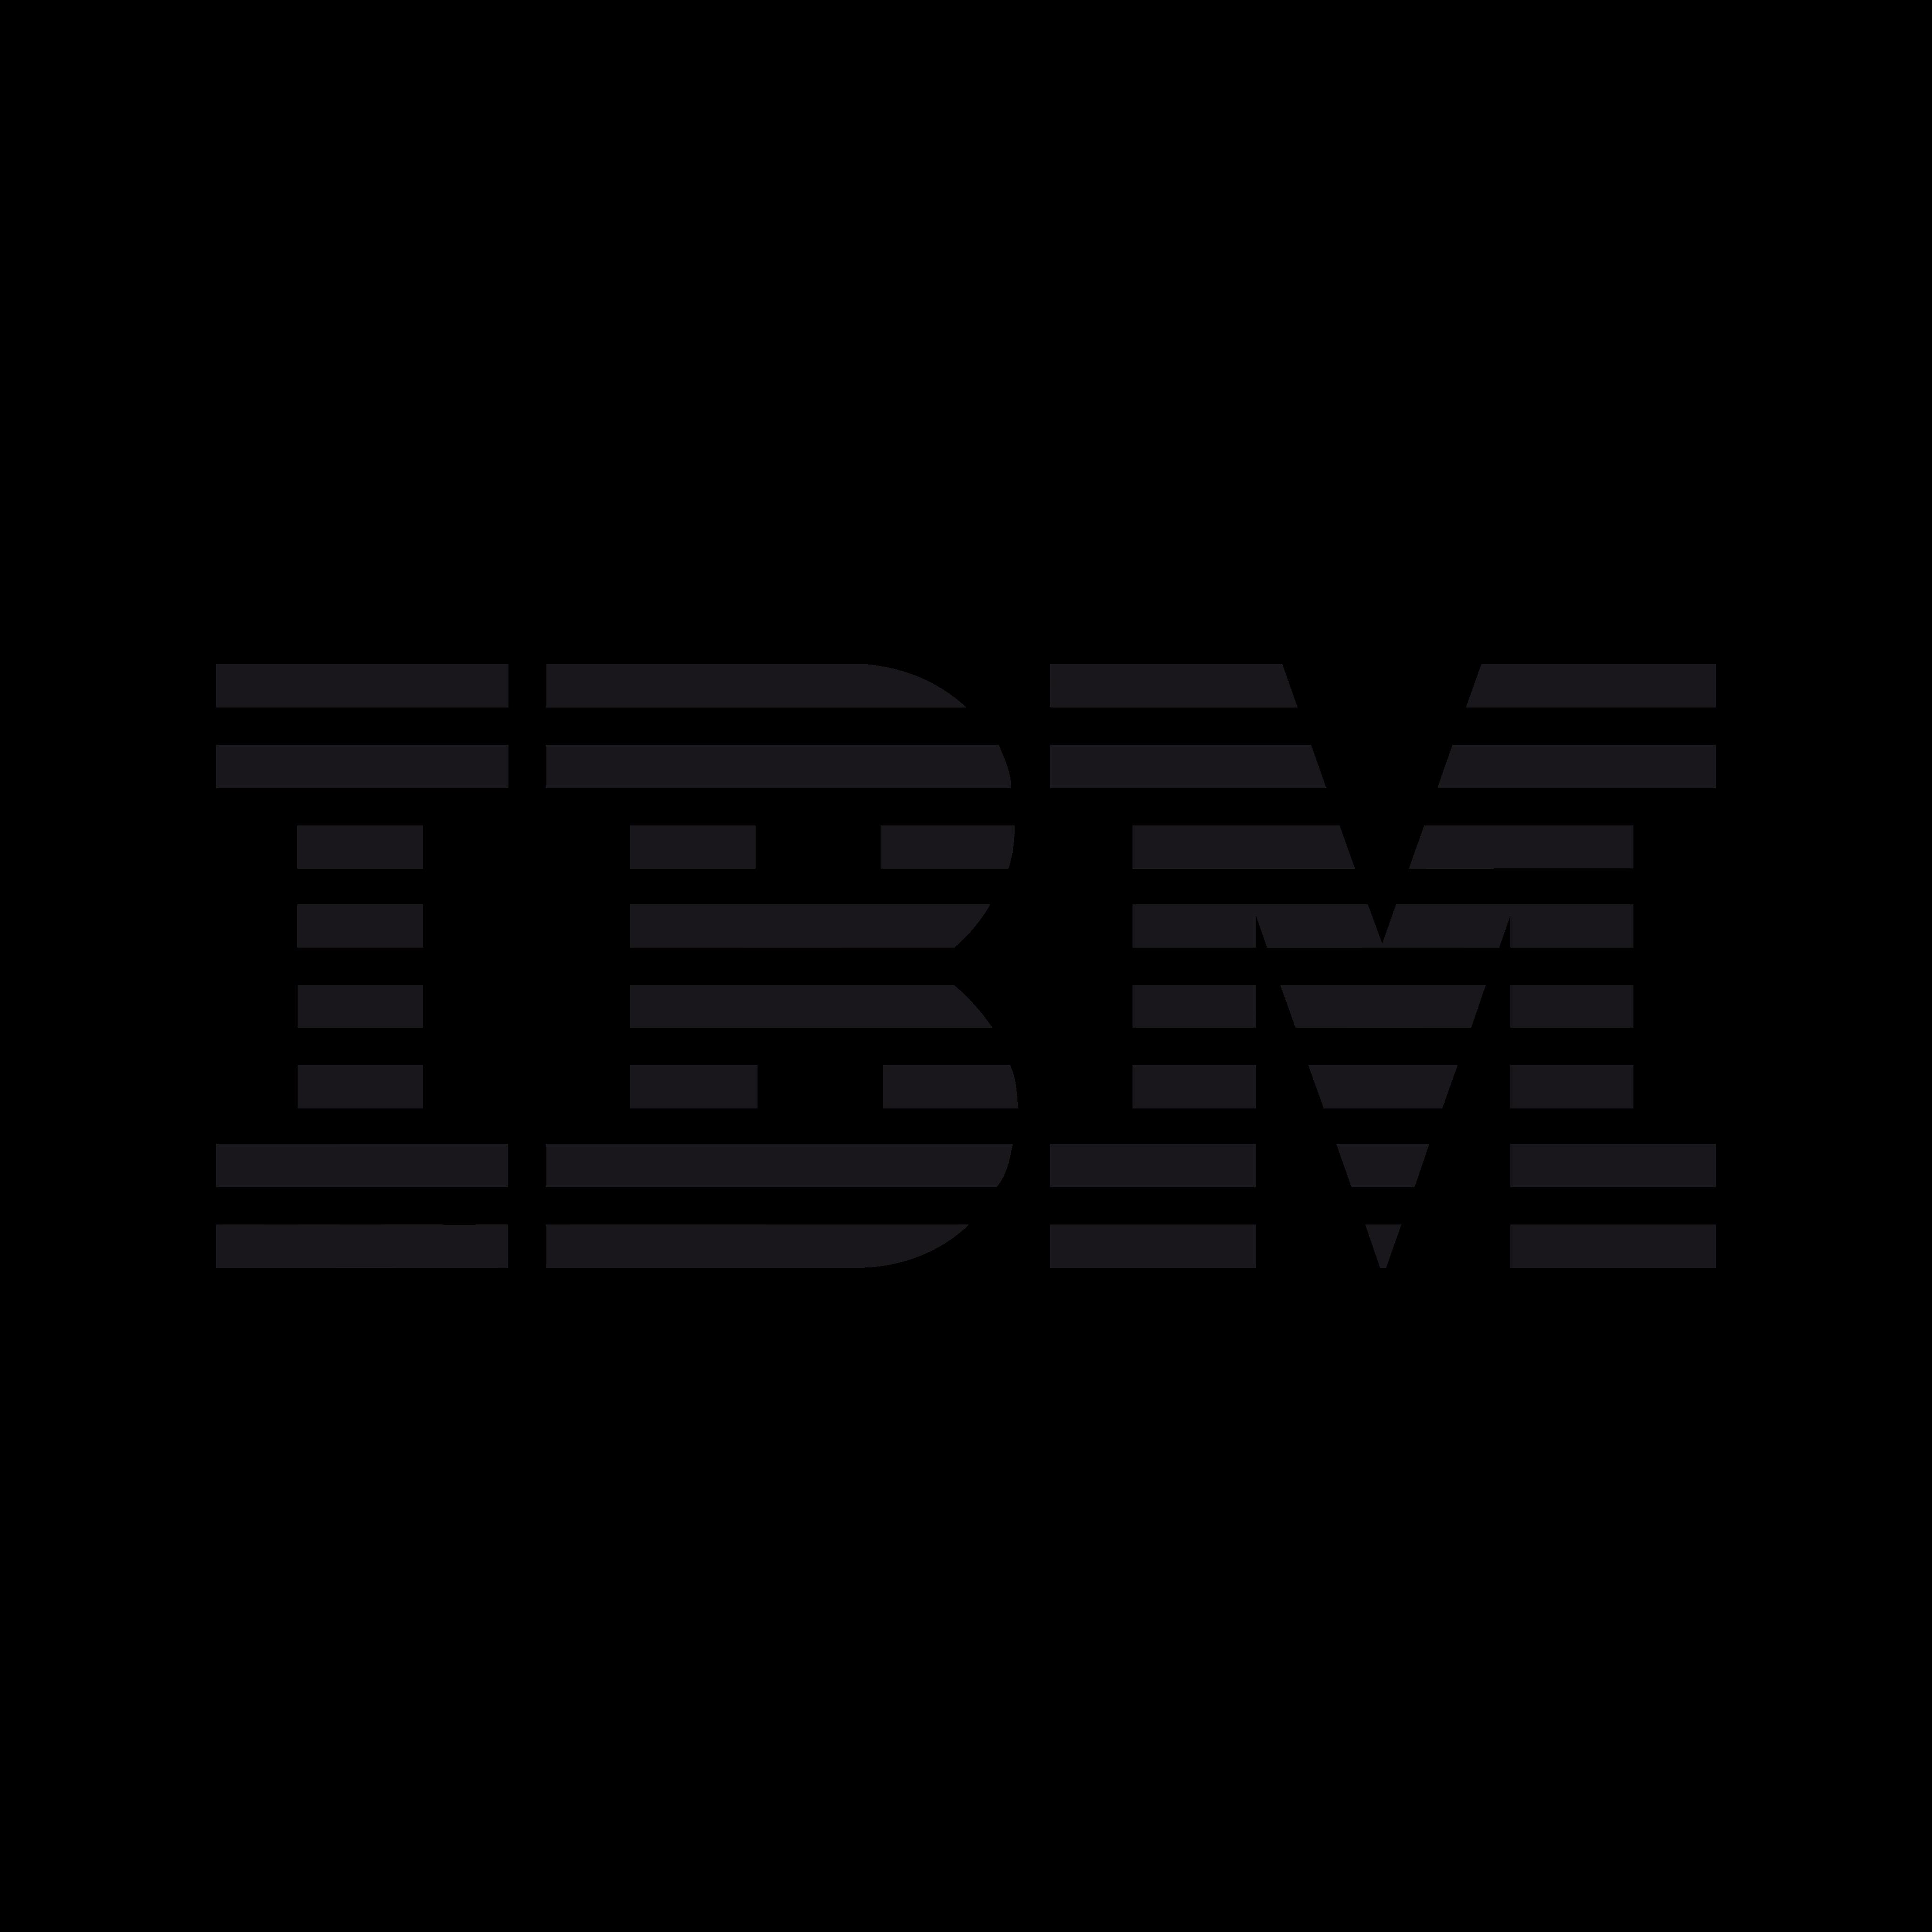 ibm logo 0 - IBM Logo